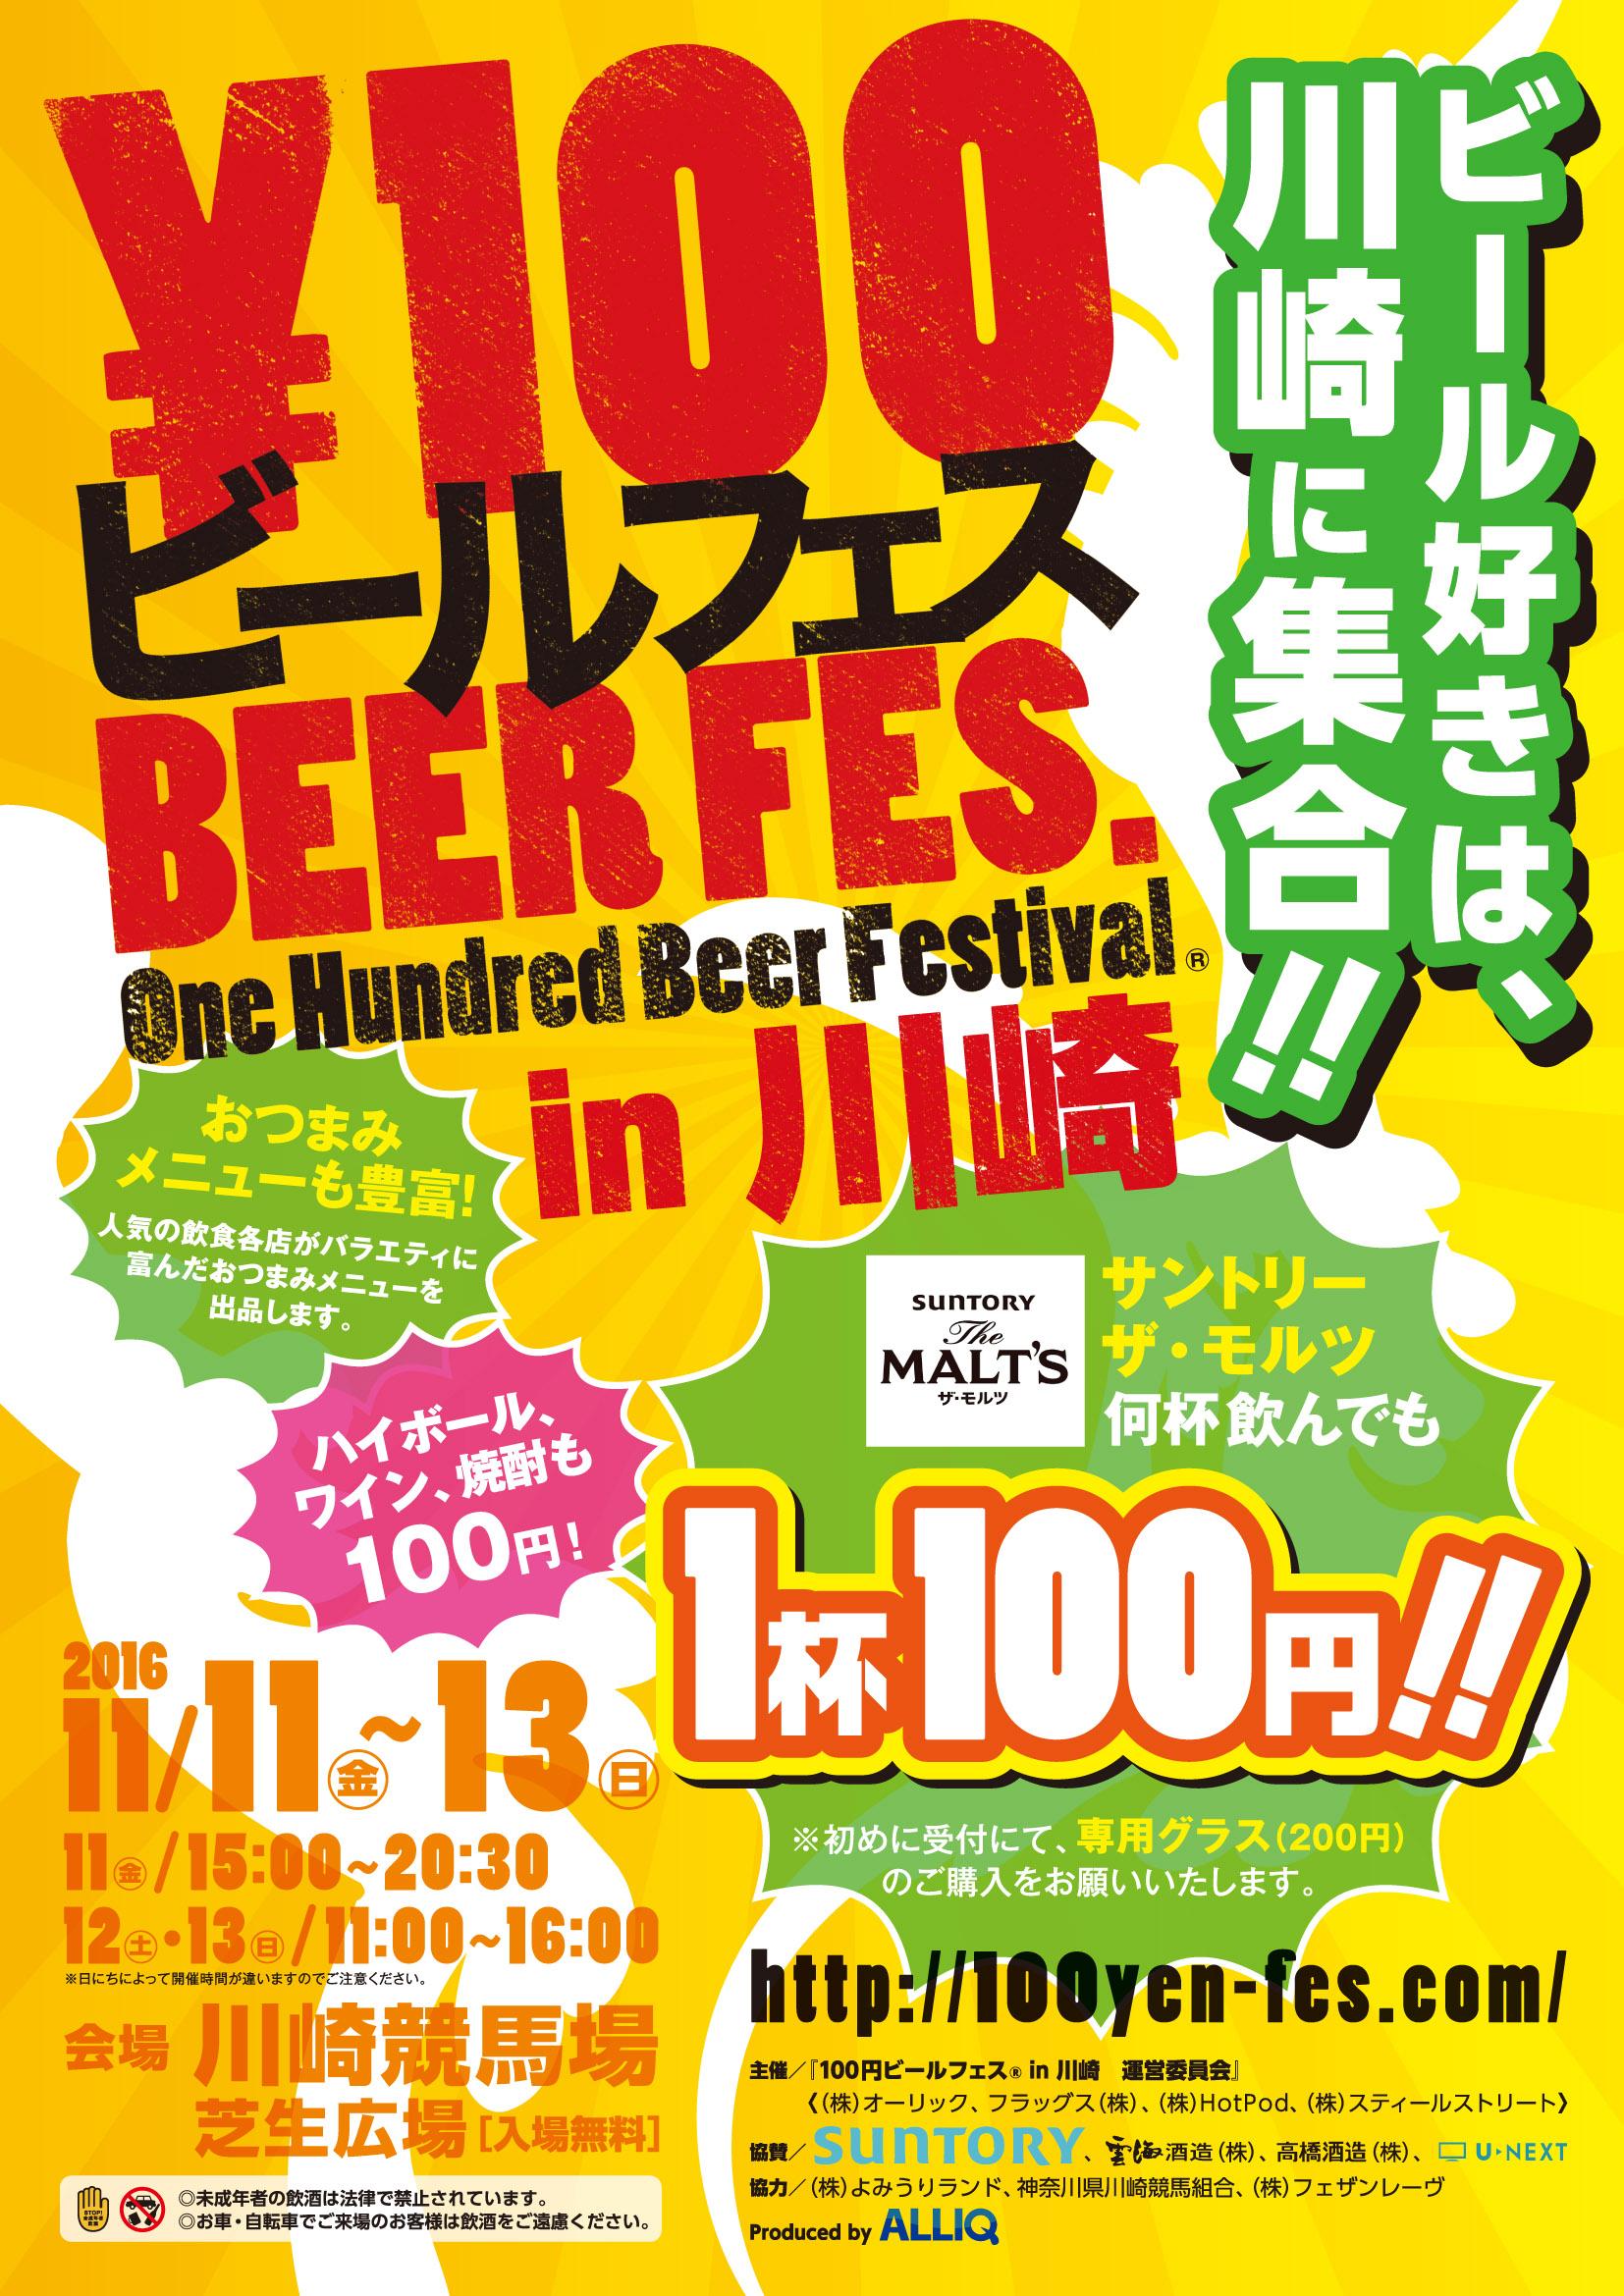 100yen_BeerFes_A4_F_1006